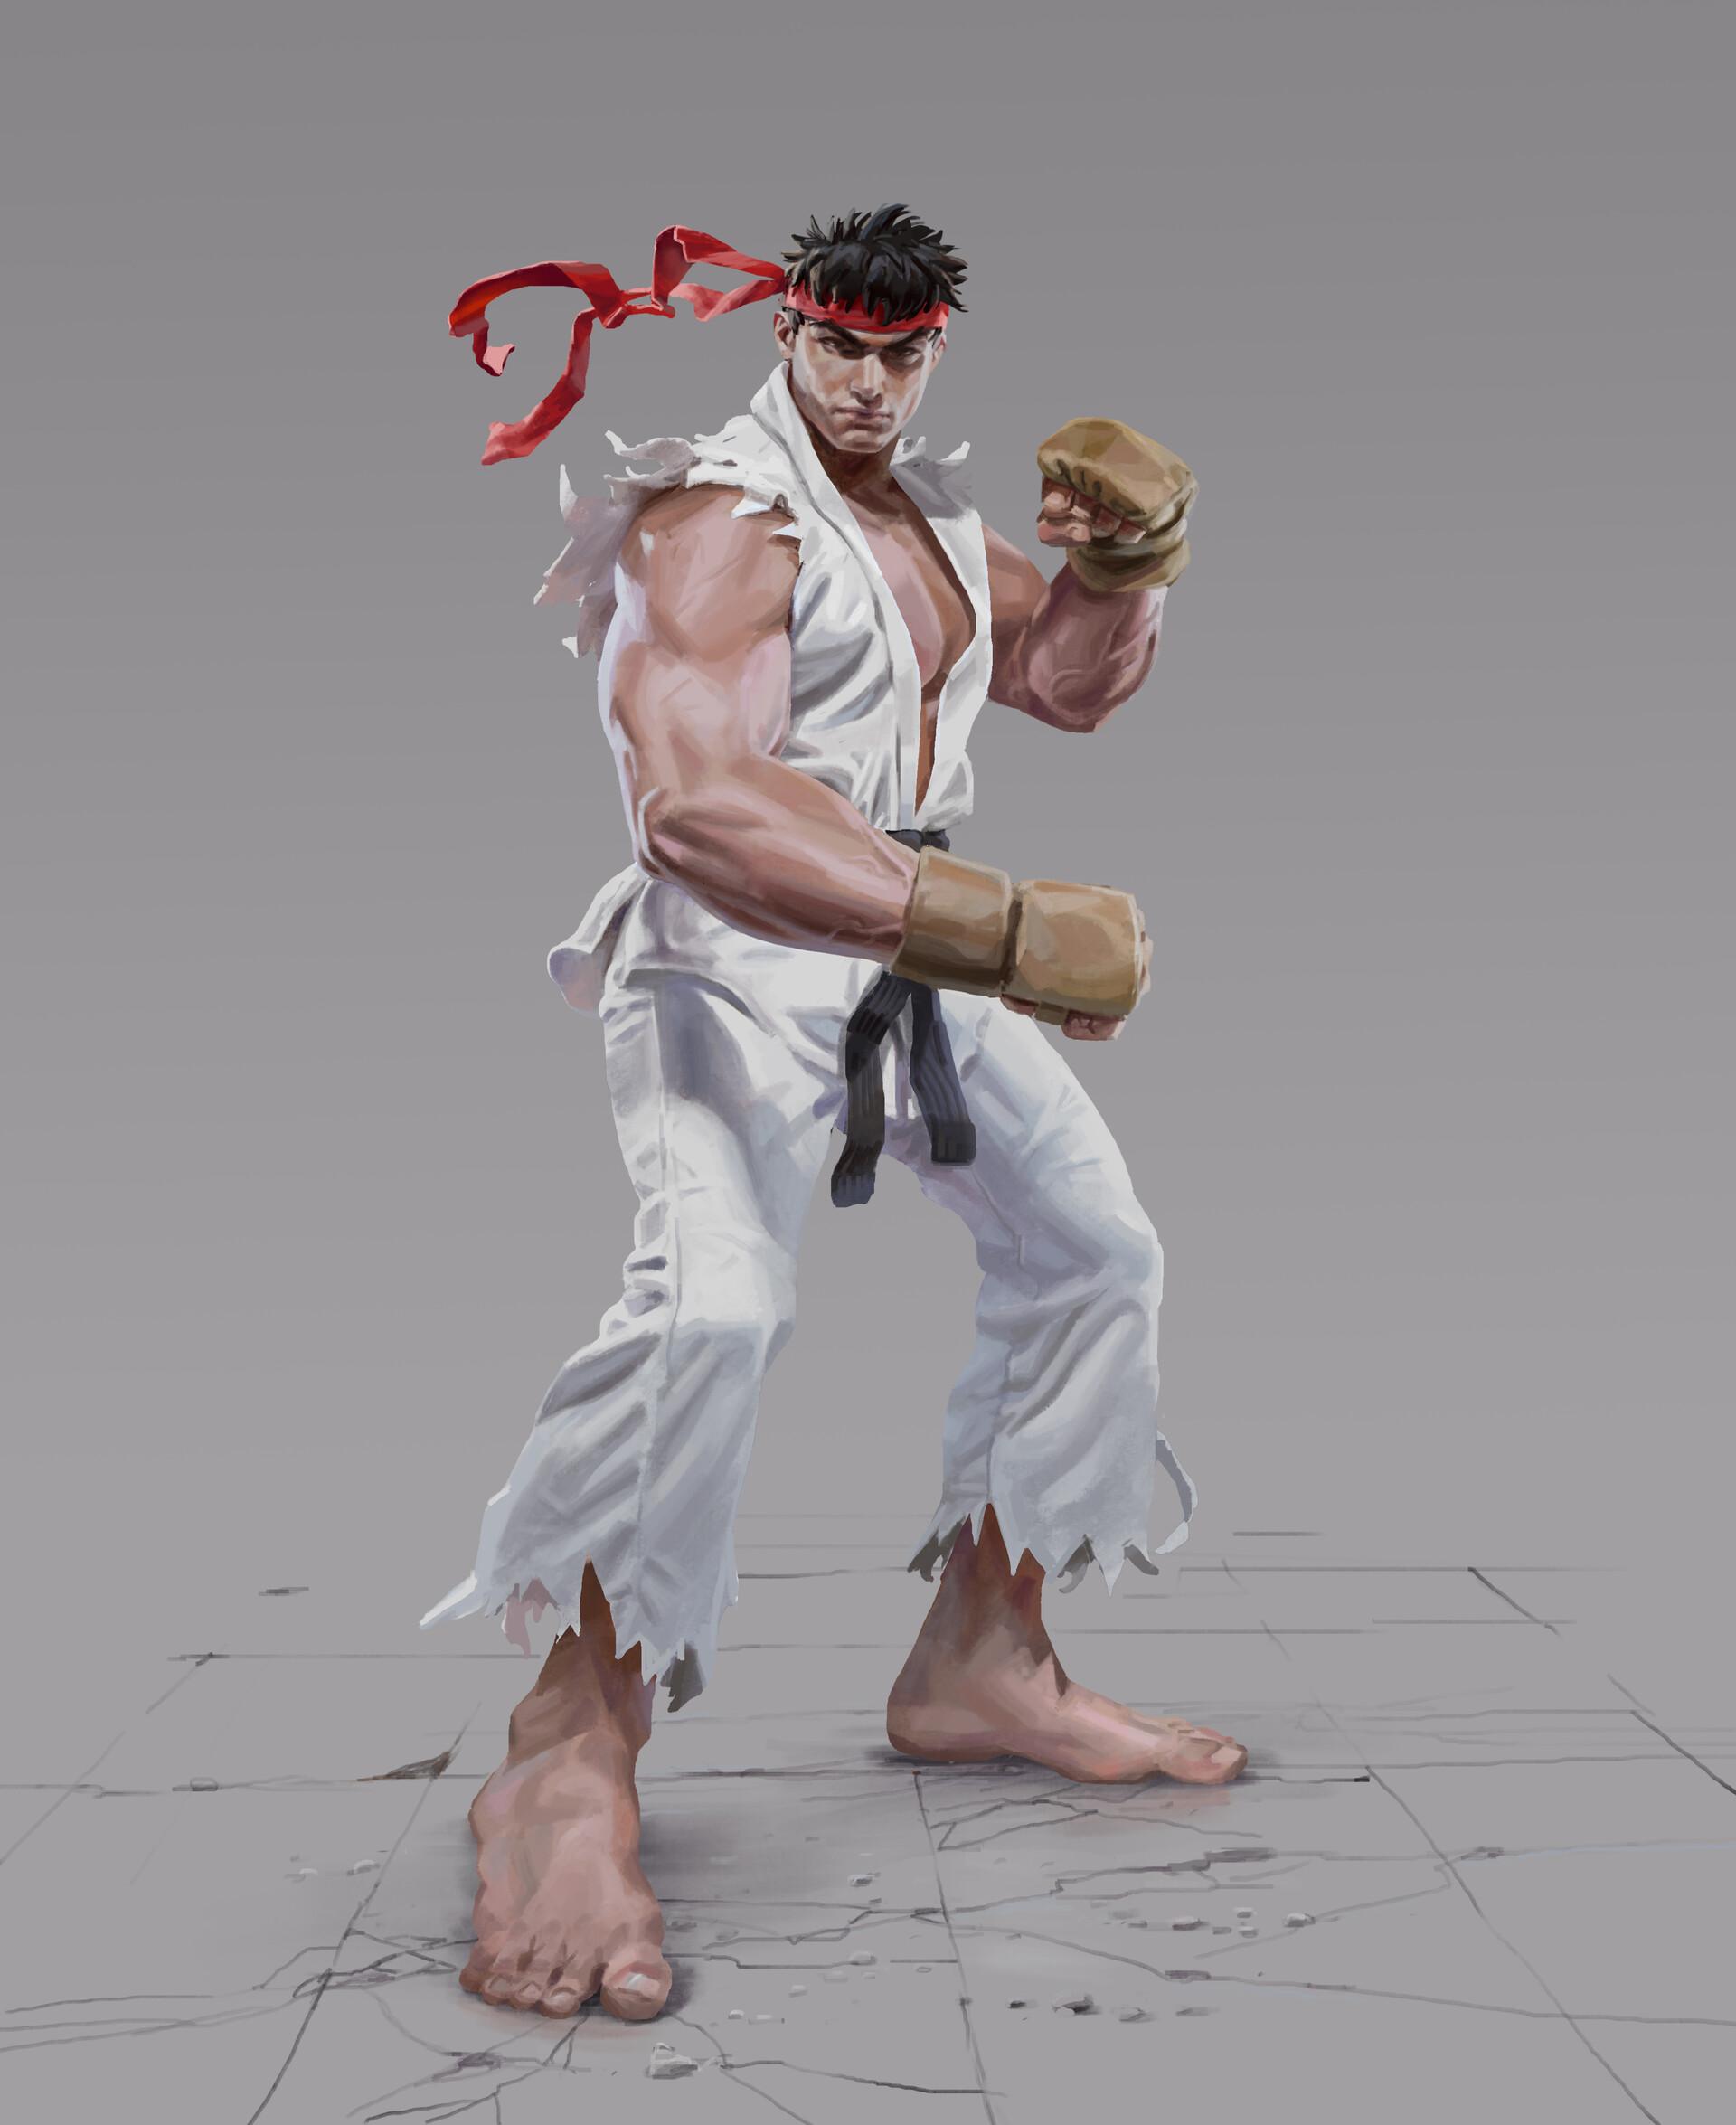 Artstation Ryu Street Fighter Fan Art Daniel Clarke